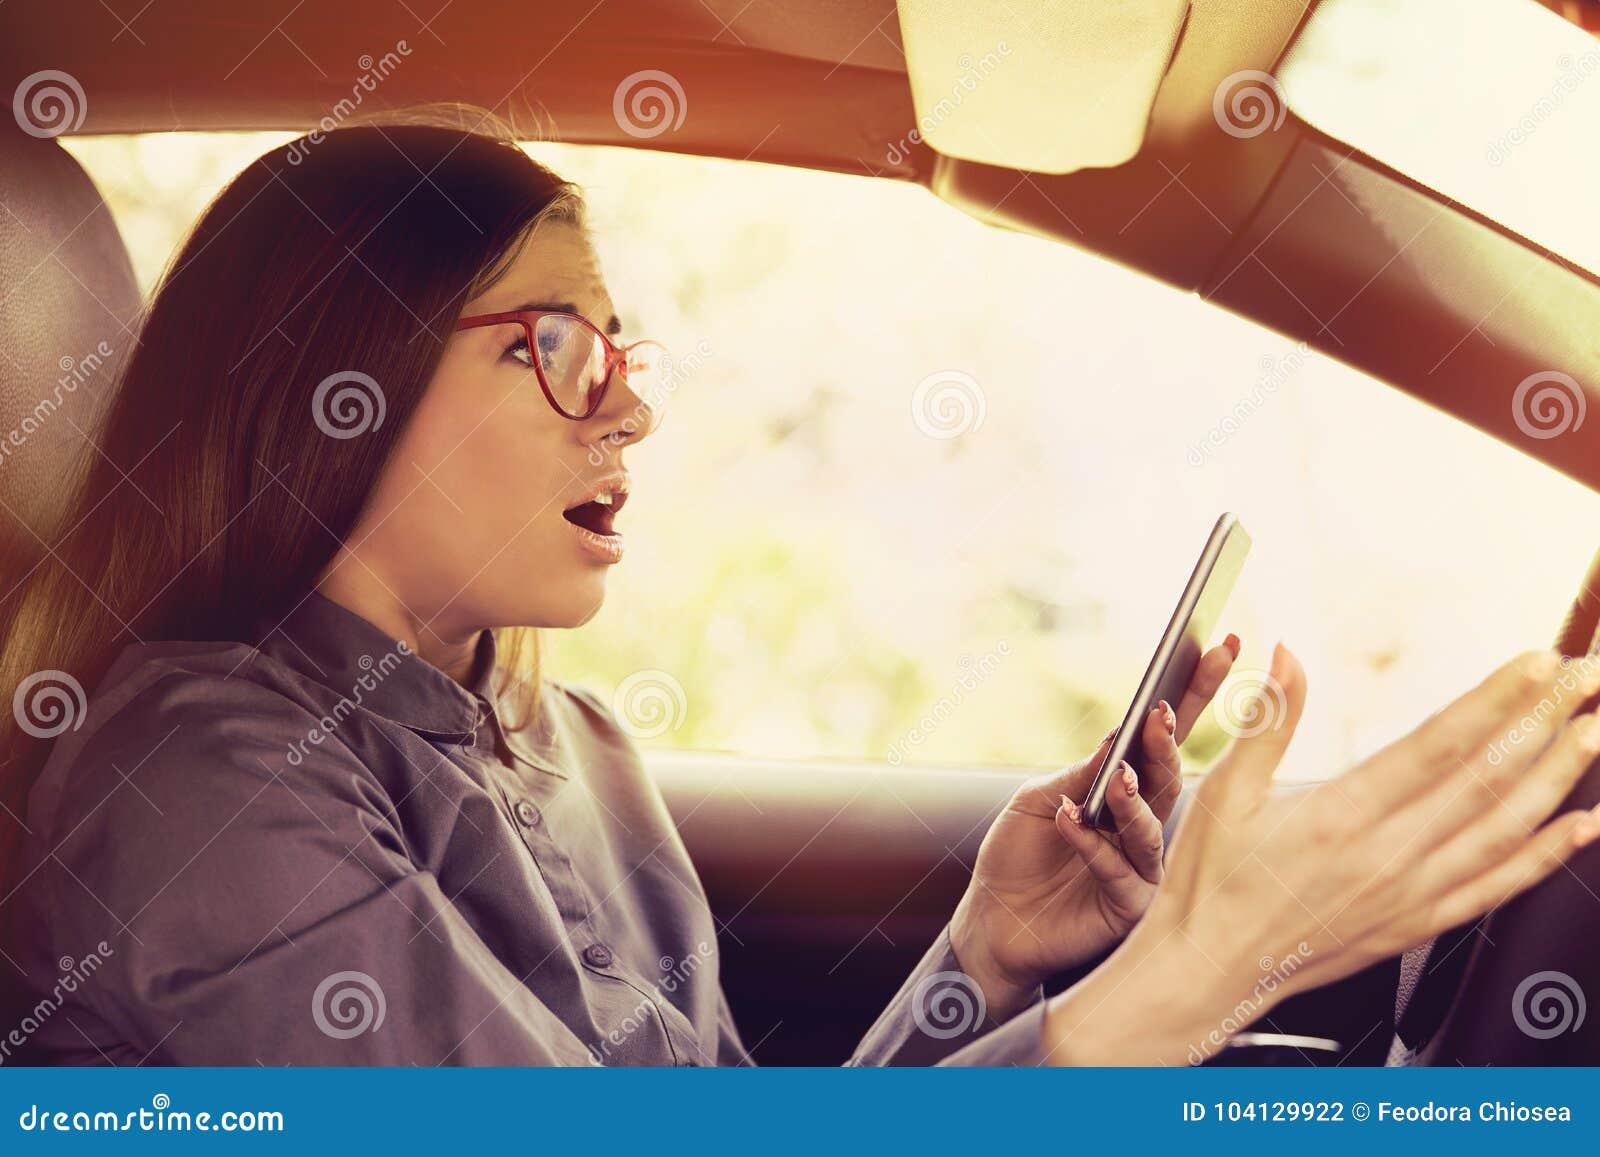 Mulher chocada confundida pelo telefone celular que texting ao conduzir um carro